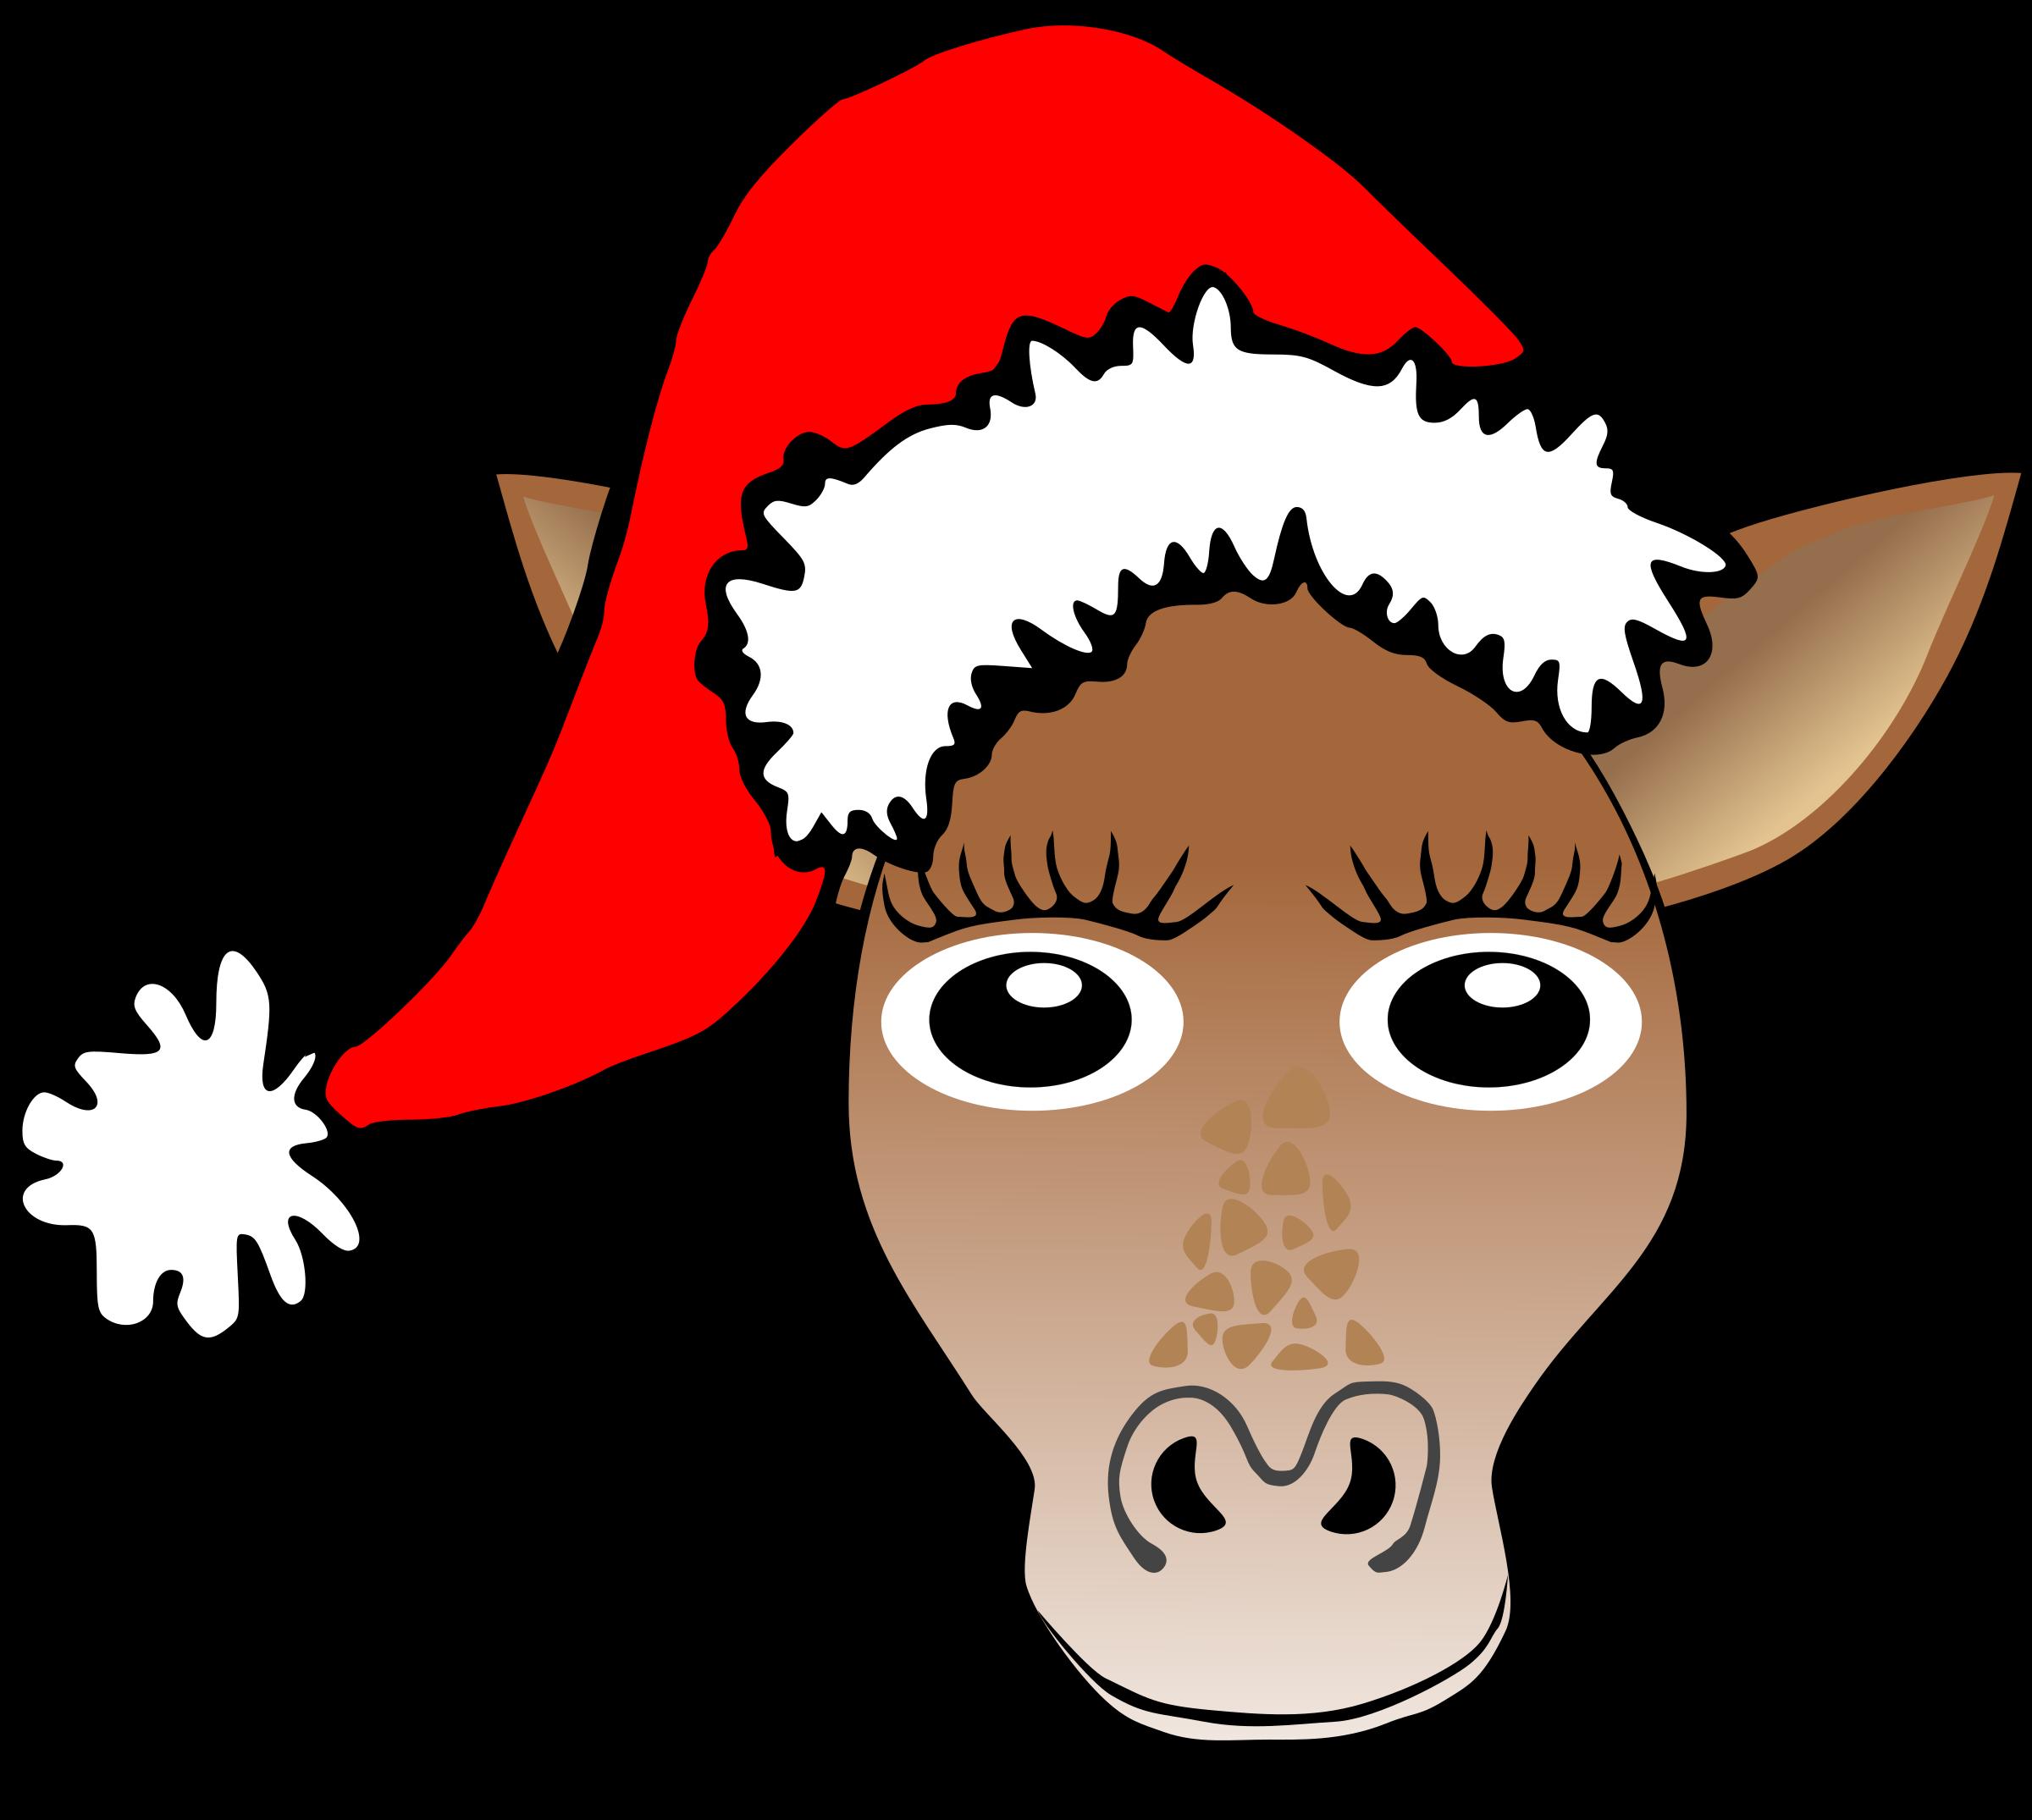 Santa clipart nose. Funny giraffe face cartoon